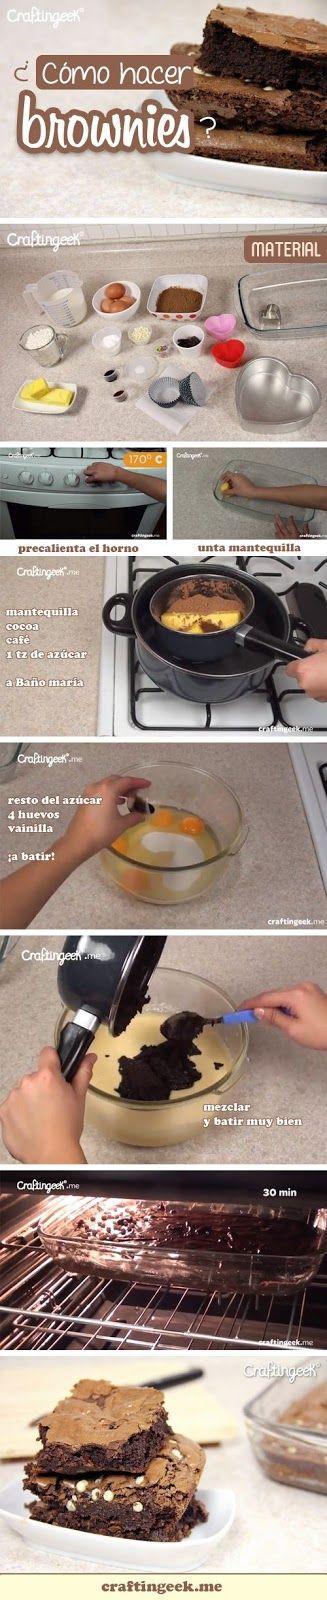 Receta: Torta rápida y facilísima de yogur (deliciosa y económica!)   Receta express